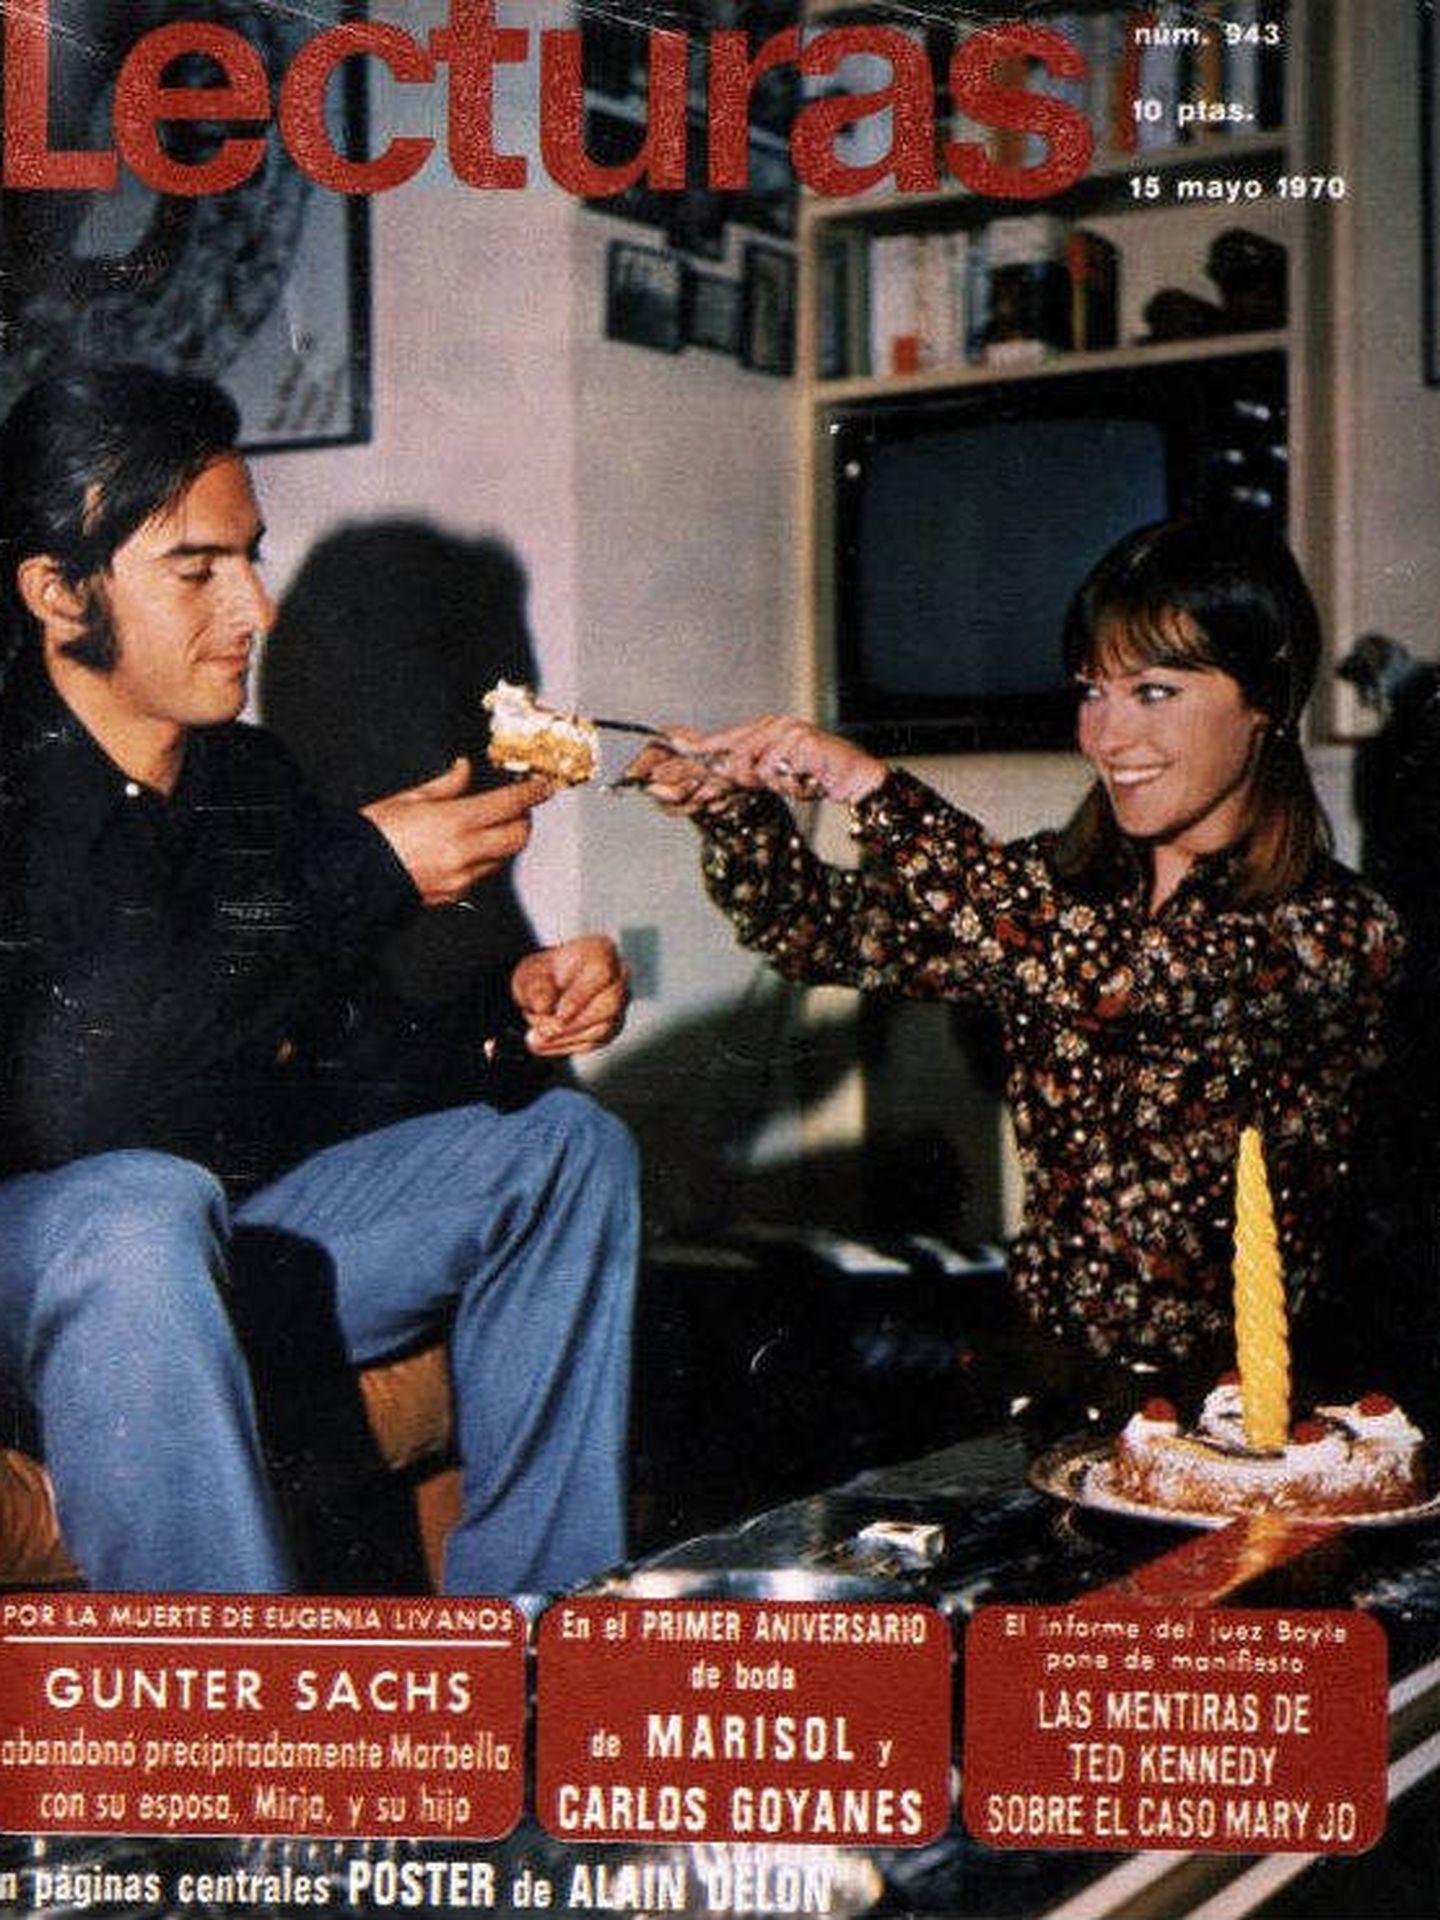 Marisol y Carlos Goyanes, portada de Lecturas en 1970 (Foto: Lecturas)